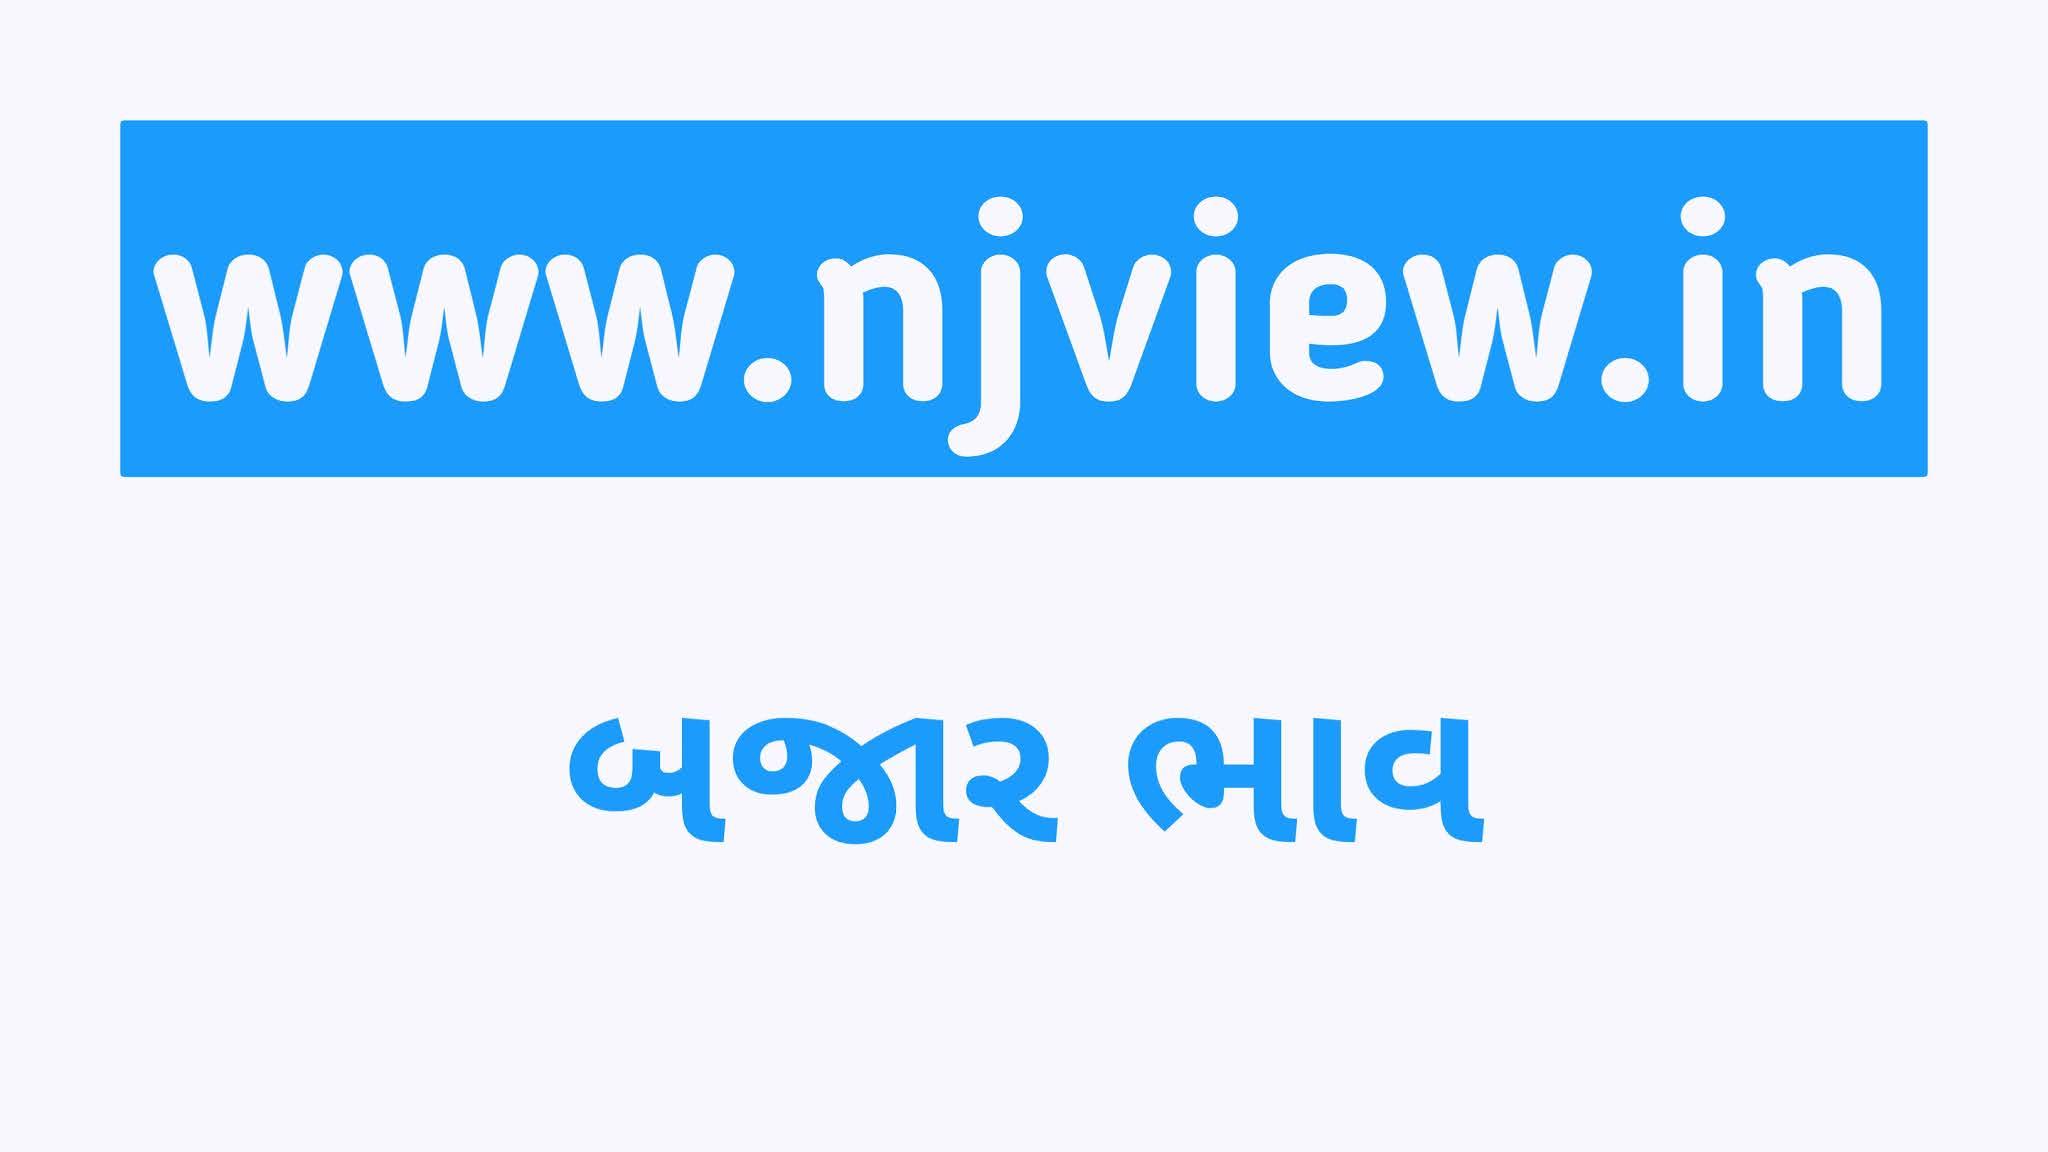 આજના બજાર ભાવ ( ૨૯/૦૫/૨૦૨૧ - શનિવાર) | ગુજરાત APMC માર્કેટયાર્ડ ભાવ ૨૦૨૧